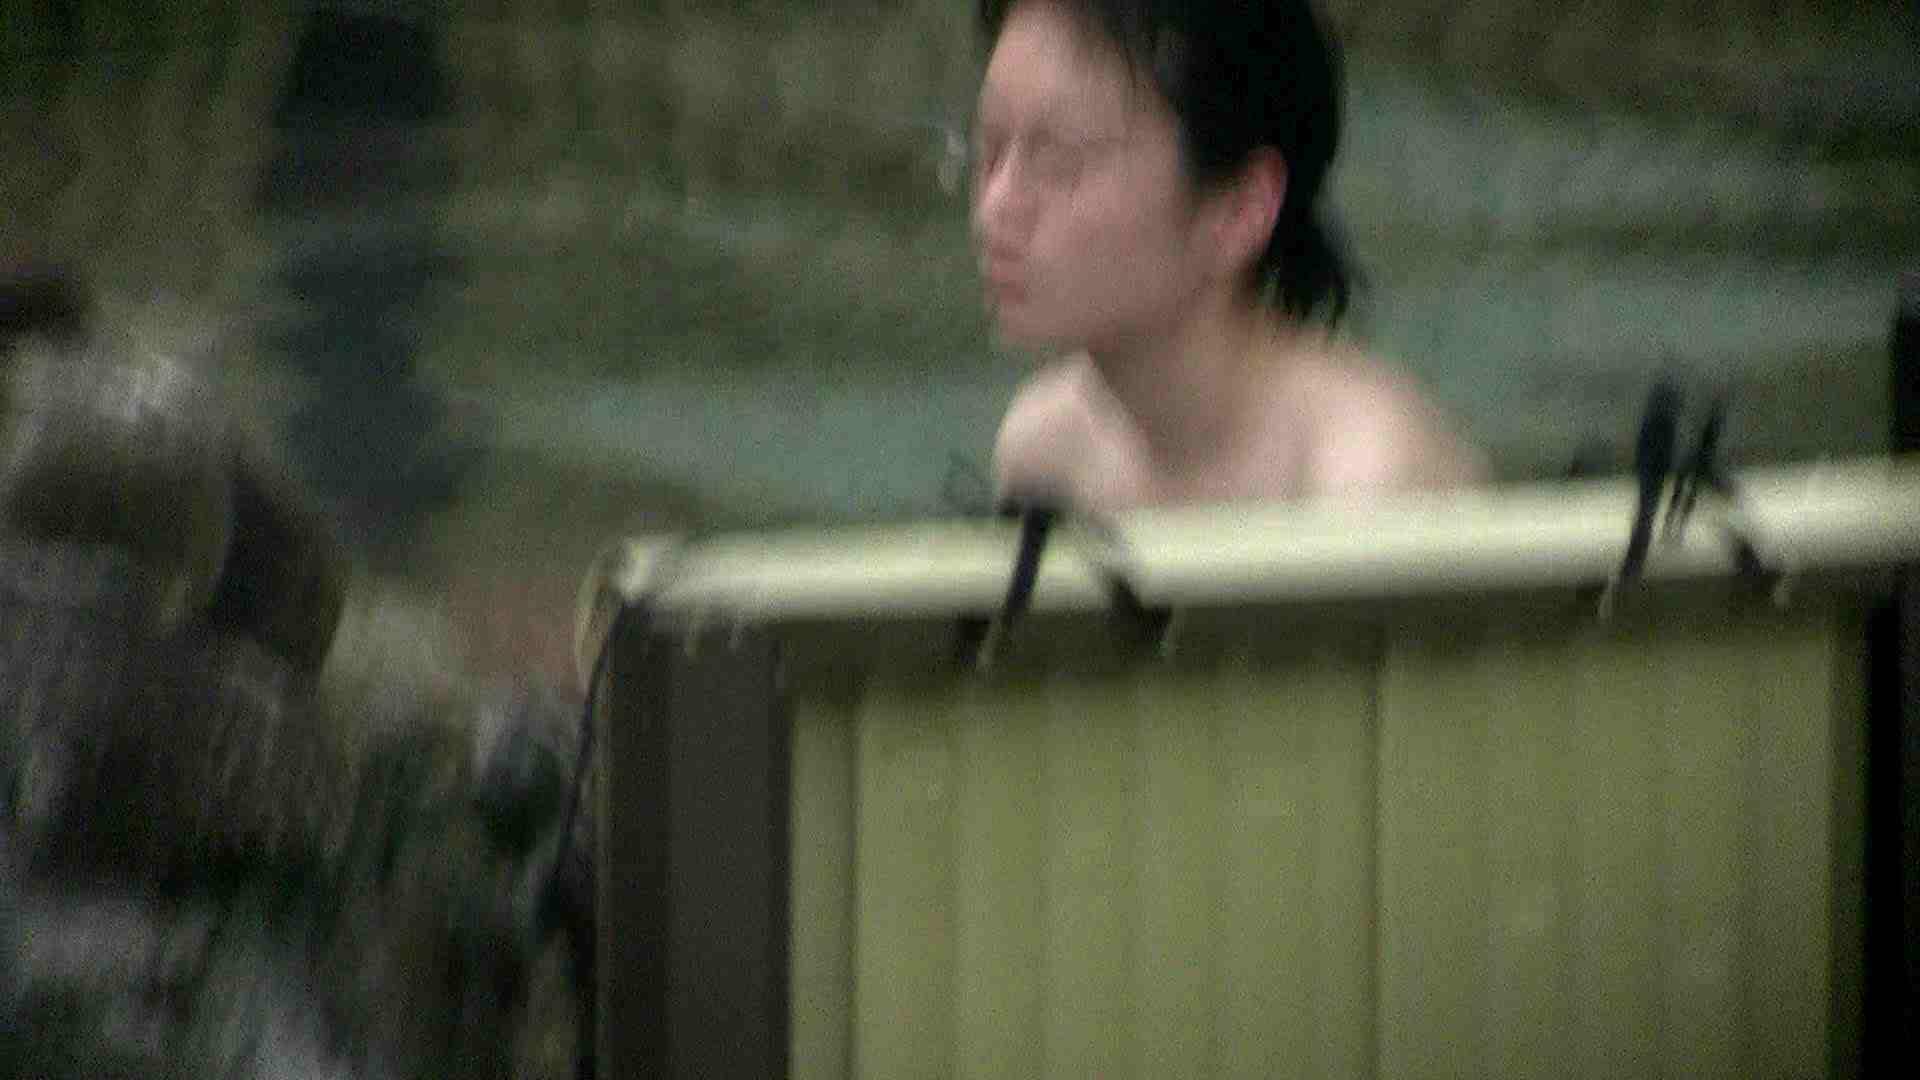 Aquaな露天風呂Vol.684 露天 オマンコ動画キャプチャ 87pic 11